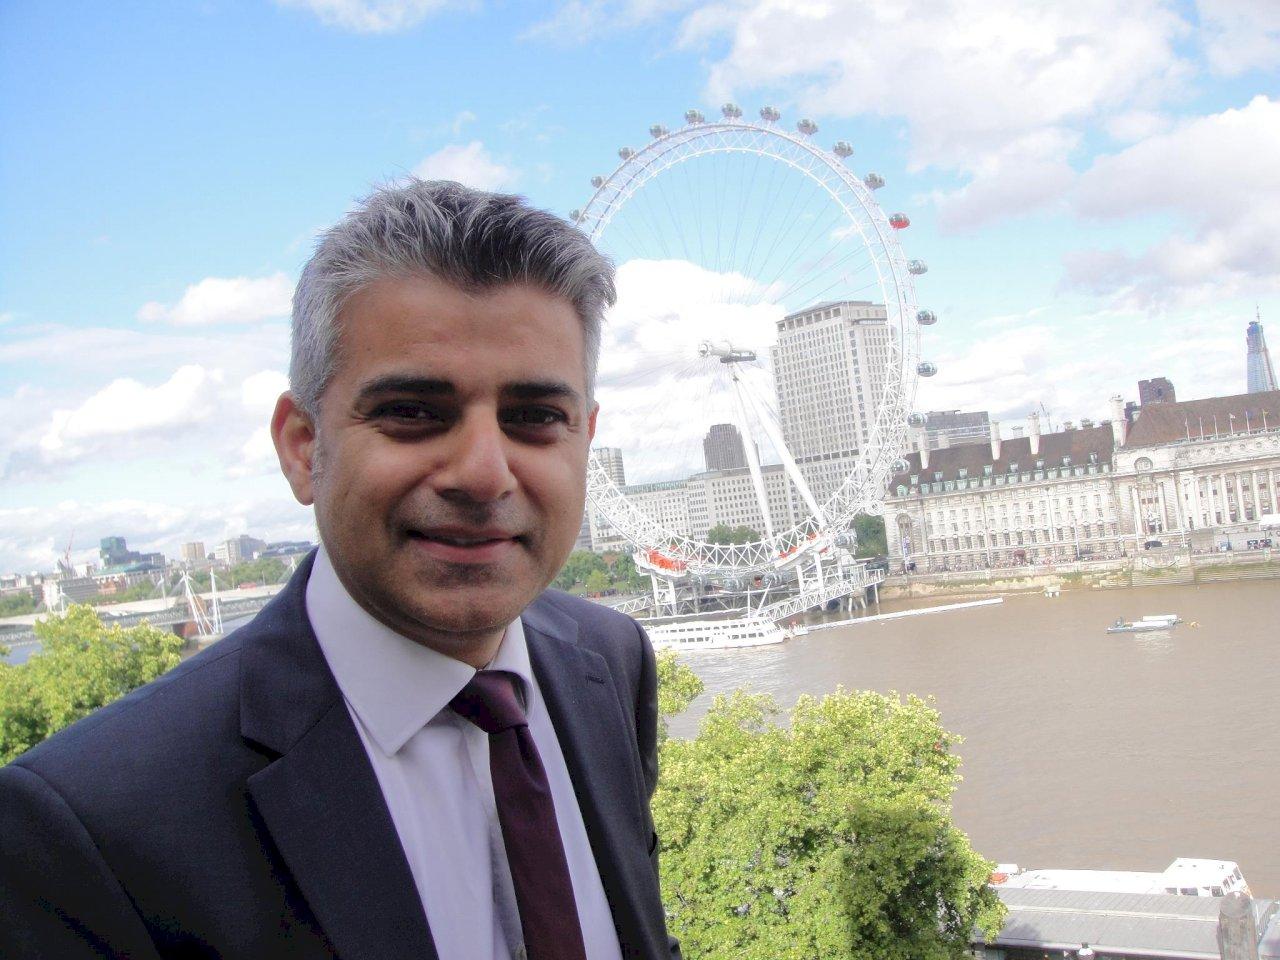 倫敦市長沙迪克汗連任  誓言化解脫歐分歧